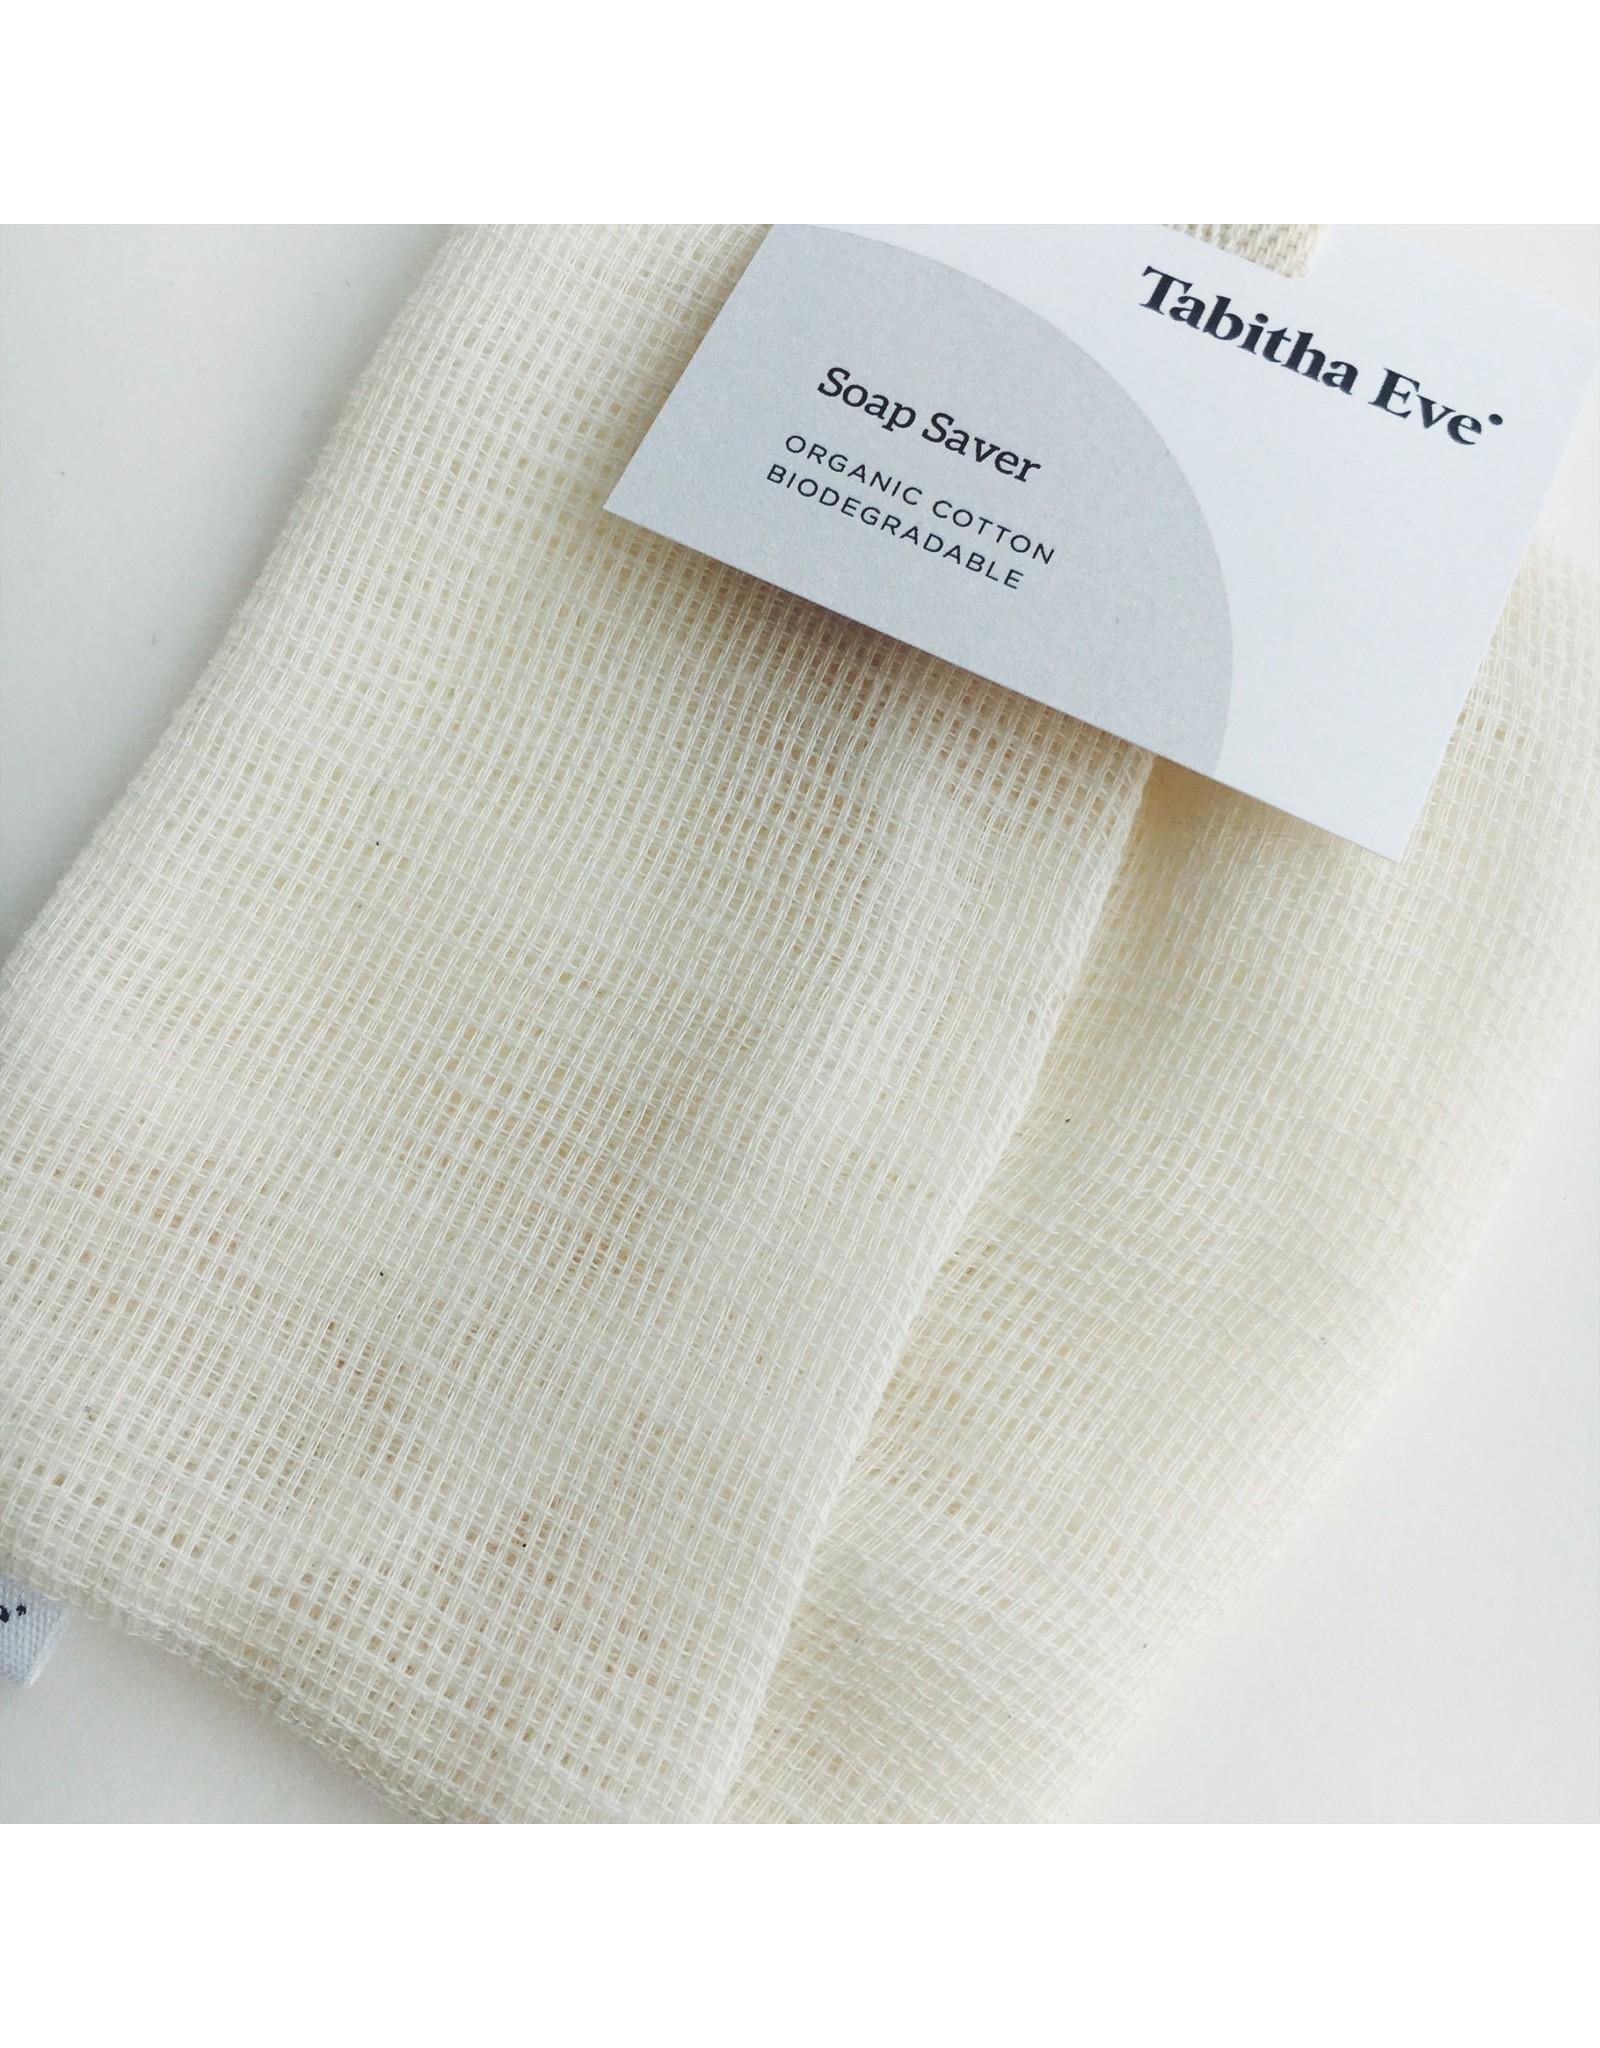 Cotton Soap Saver